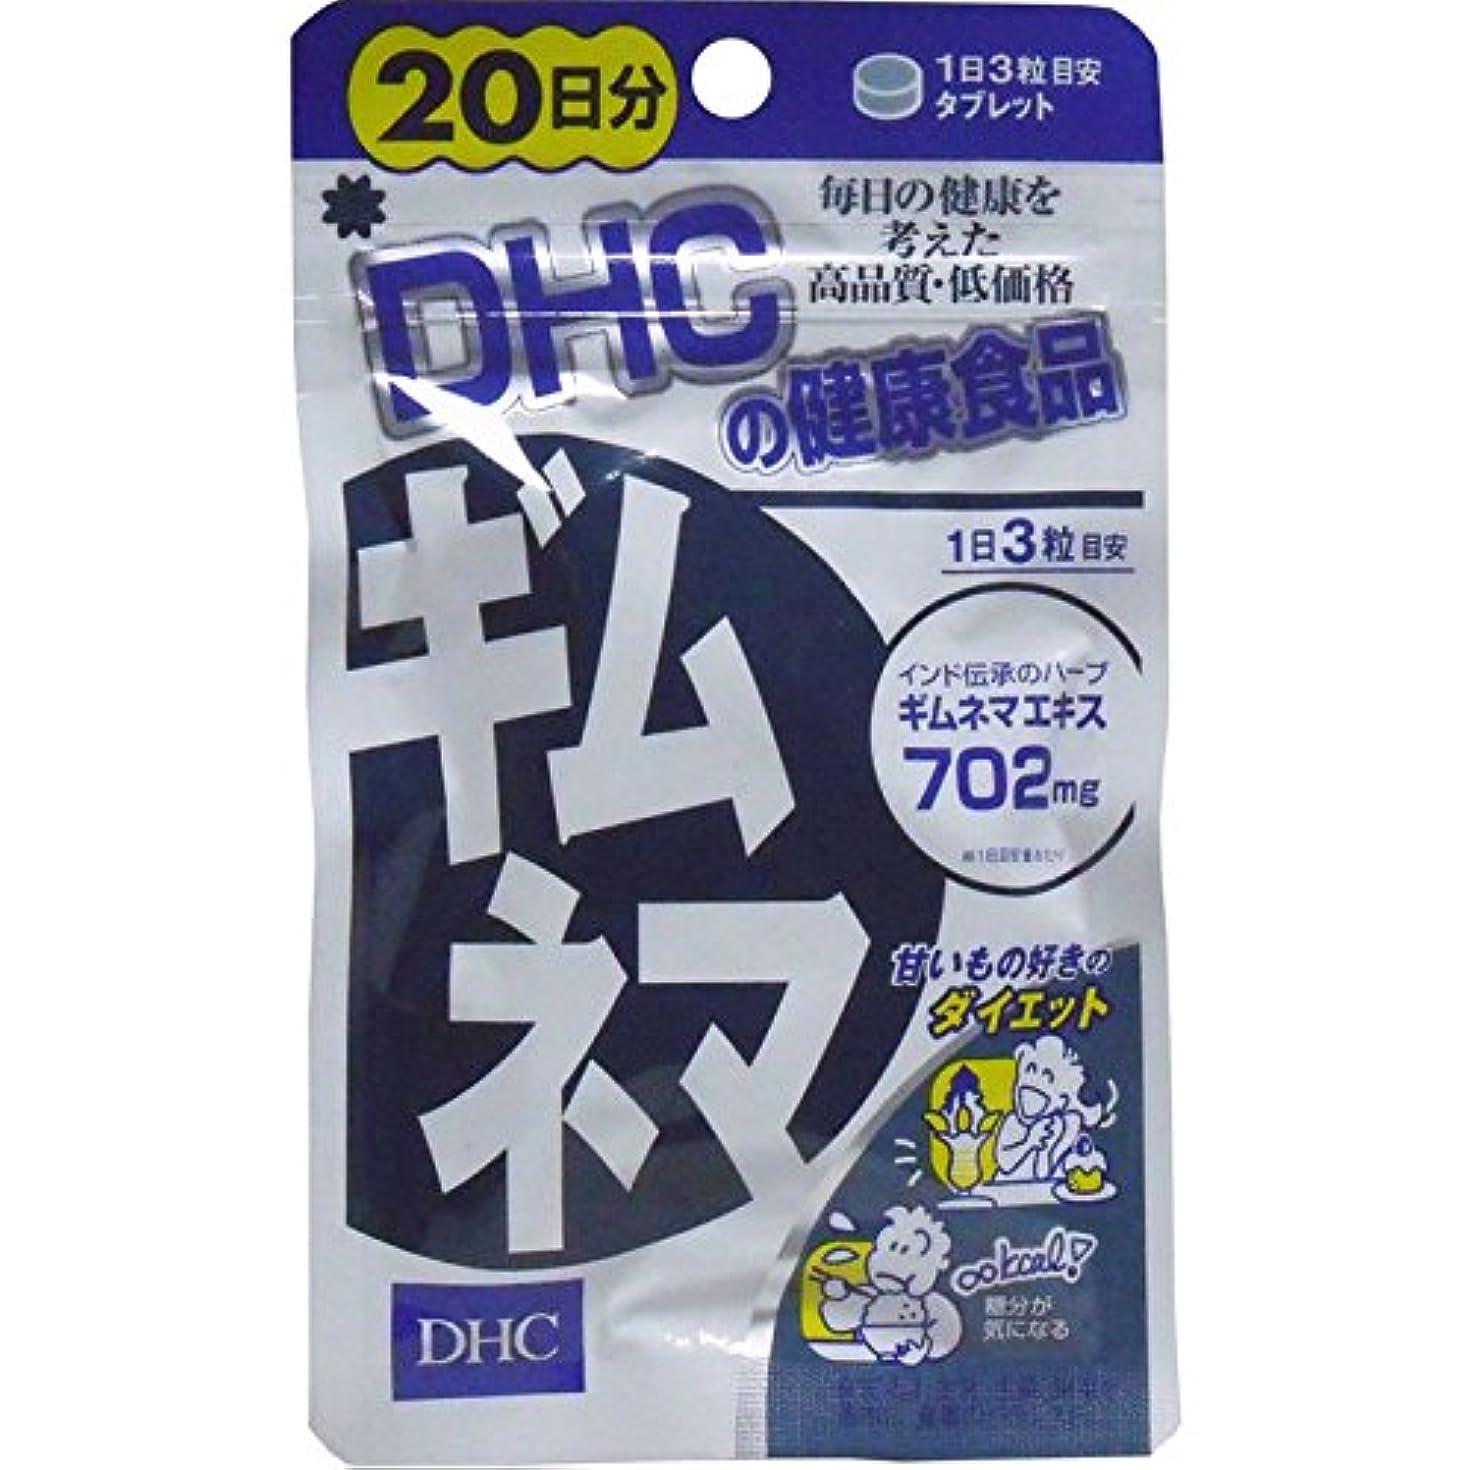 高度なミュージカルバー糖分や炭水化物を多く摂る人に DHC ギムネマ 20日分 60粒